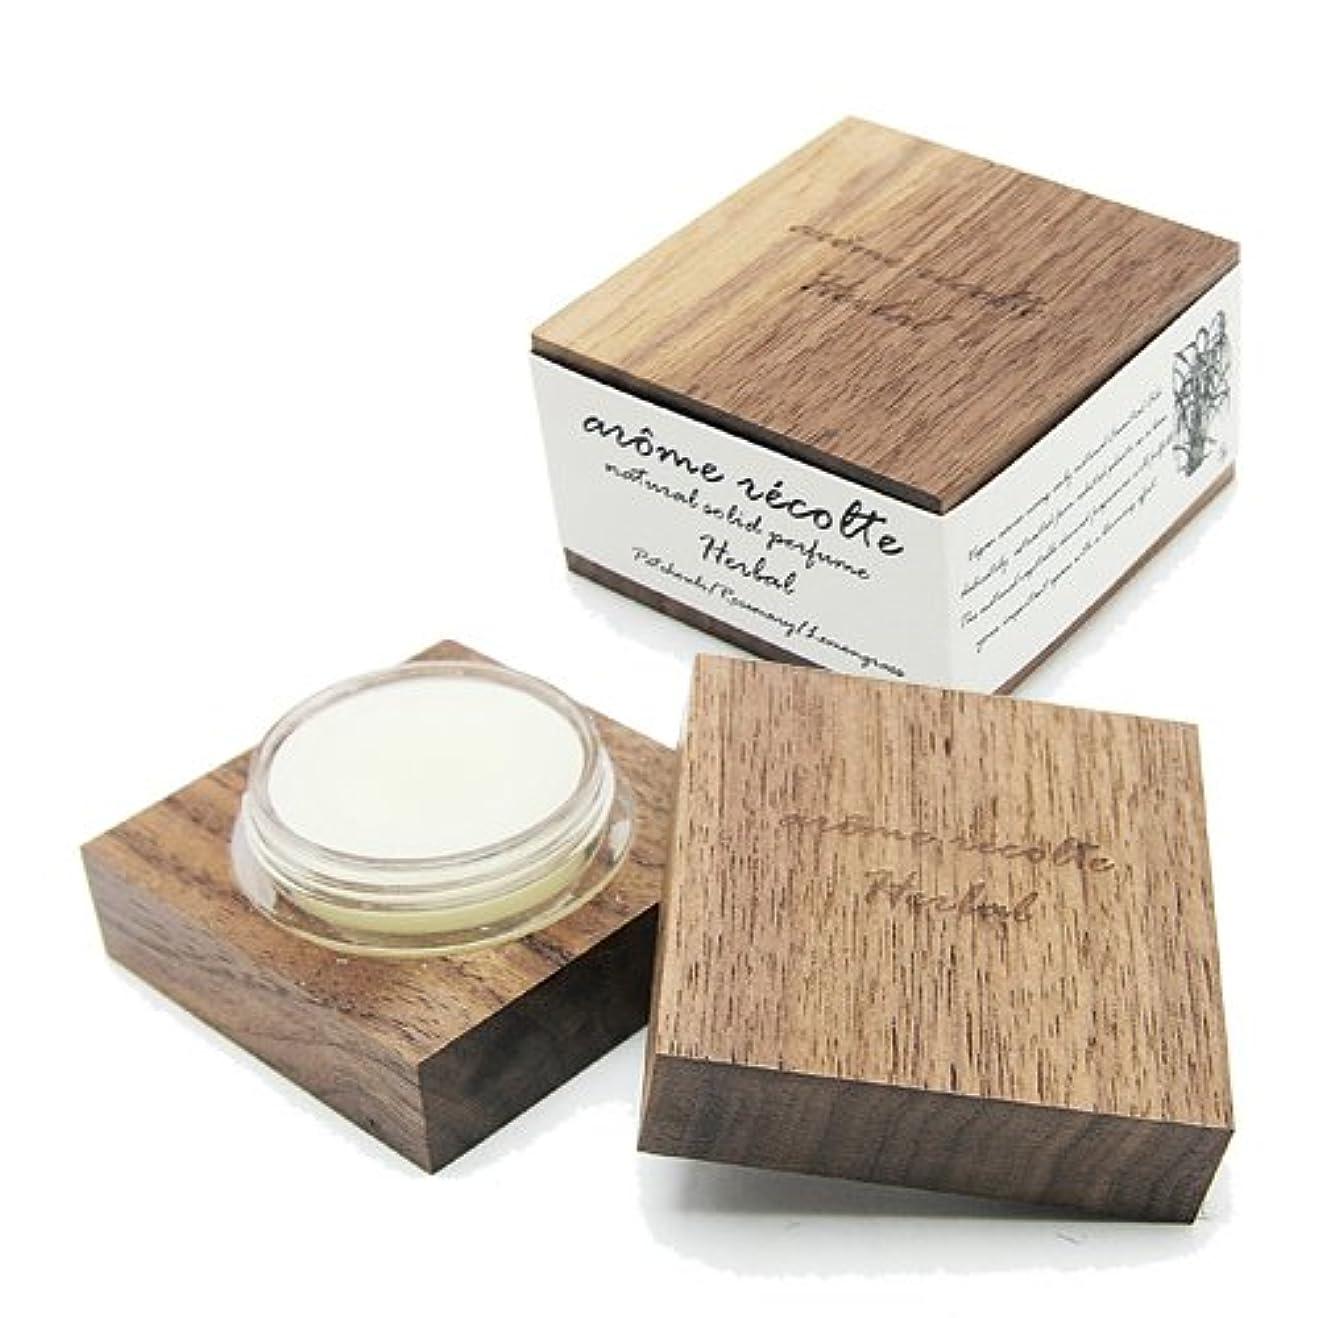 フラップ擬人化立法アロマレコルト ナチュラル ソリッドパフューム ハーバル Herbal arome recolte 練り香水